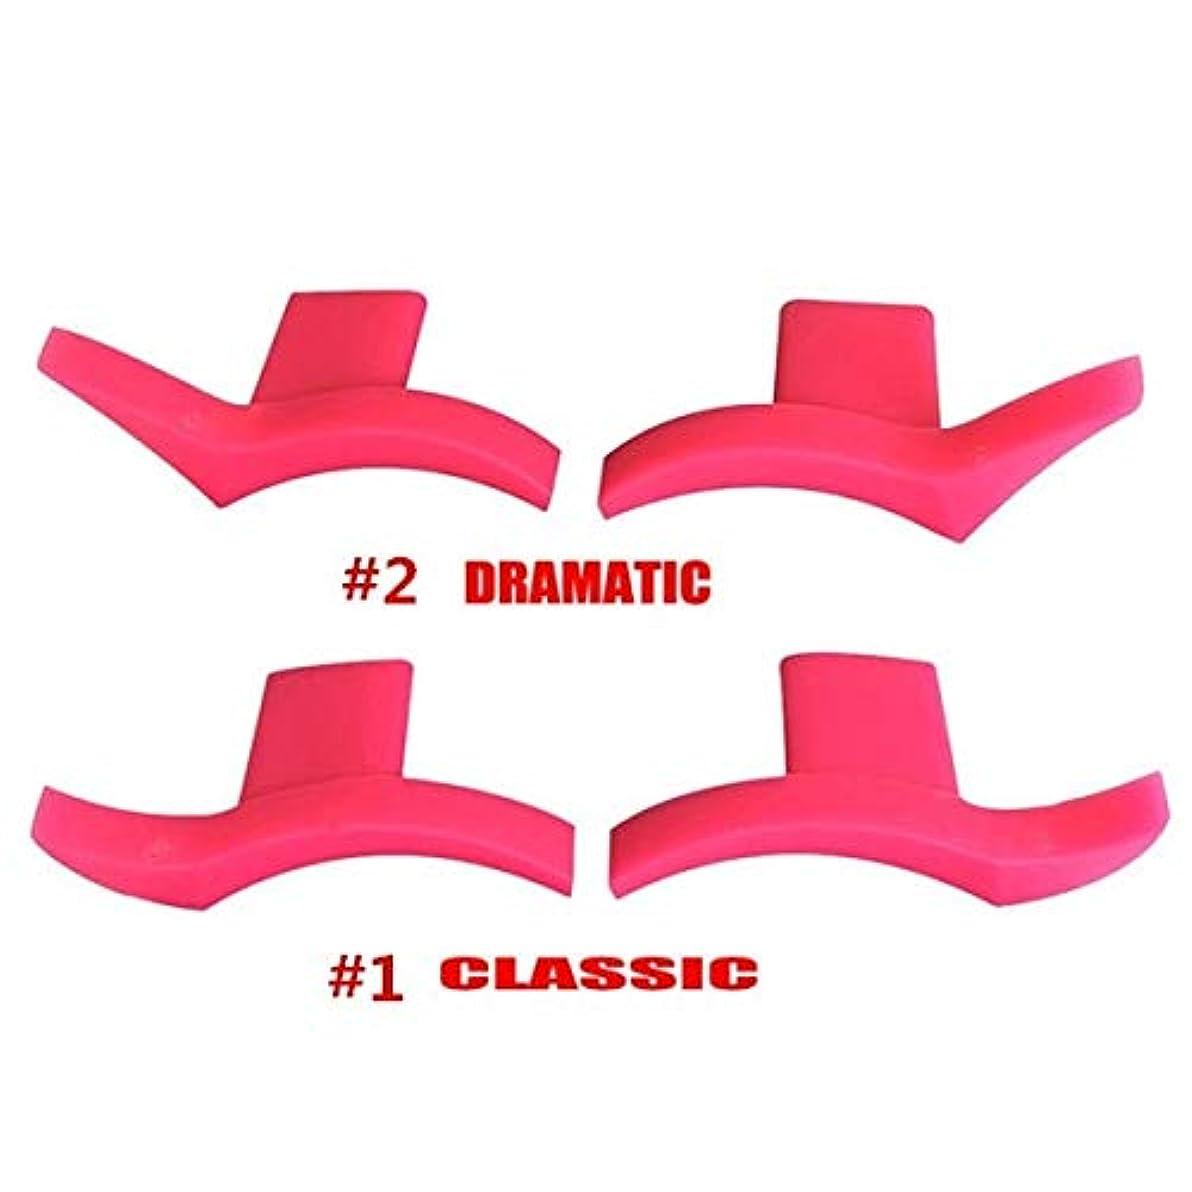 優雅暖かく故意のSemperole - 4本アイライナー金型翼は目ウィングリキッドアイライナーツール美容ポータブル化粧品[劇的+クラシック]を着やすいスタンプシール